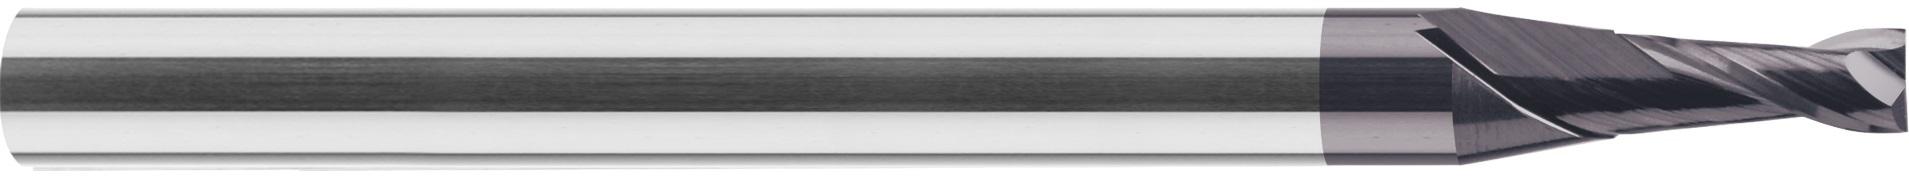 Mini-frez do rowków, chwyt HA, 44 HRc, INOX, VHM TiALN / bez pokrycia (506)